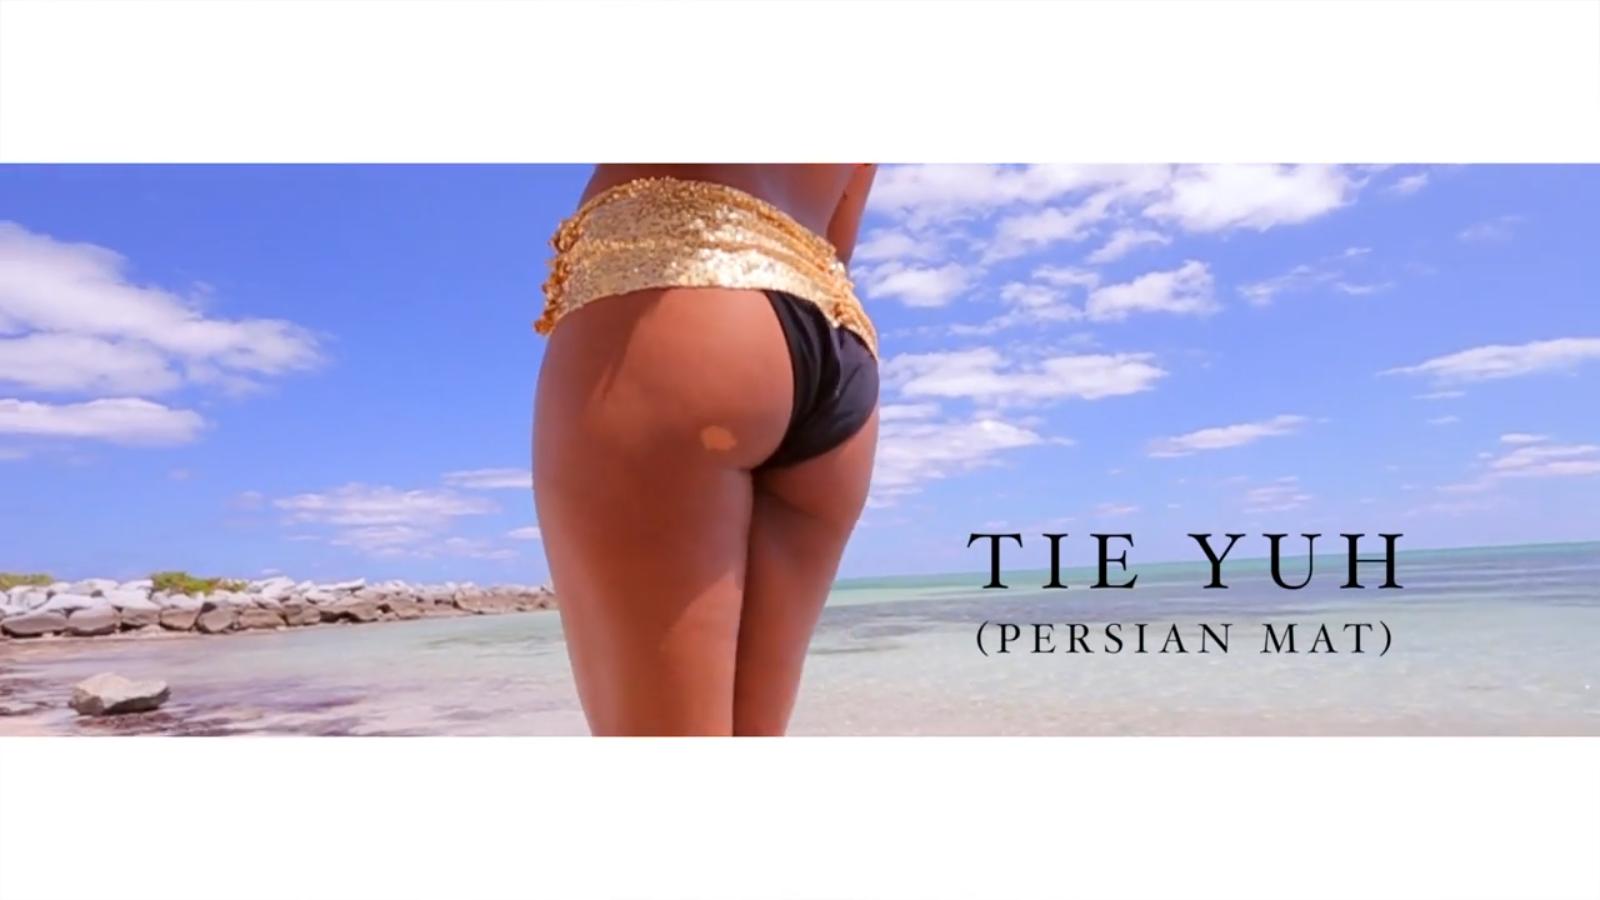 Tie Yuh